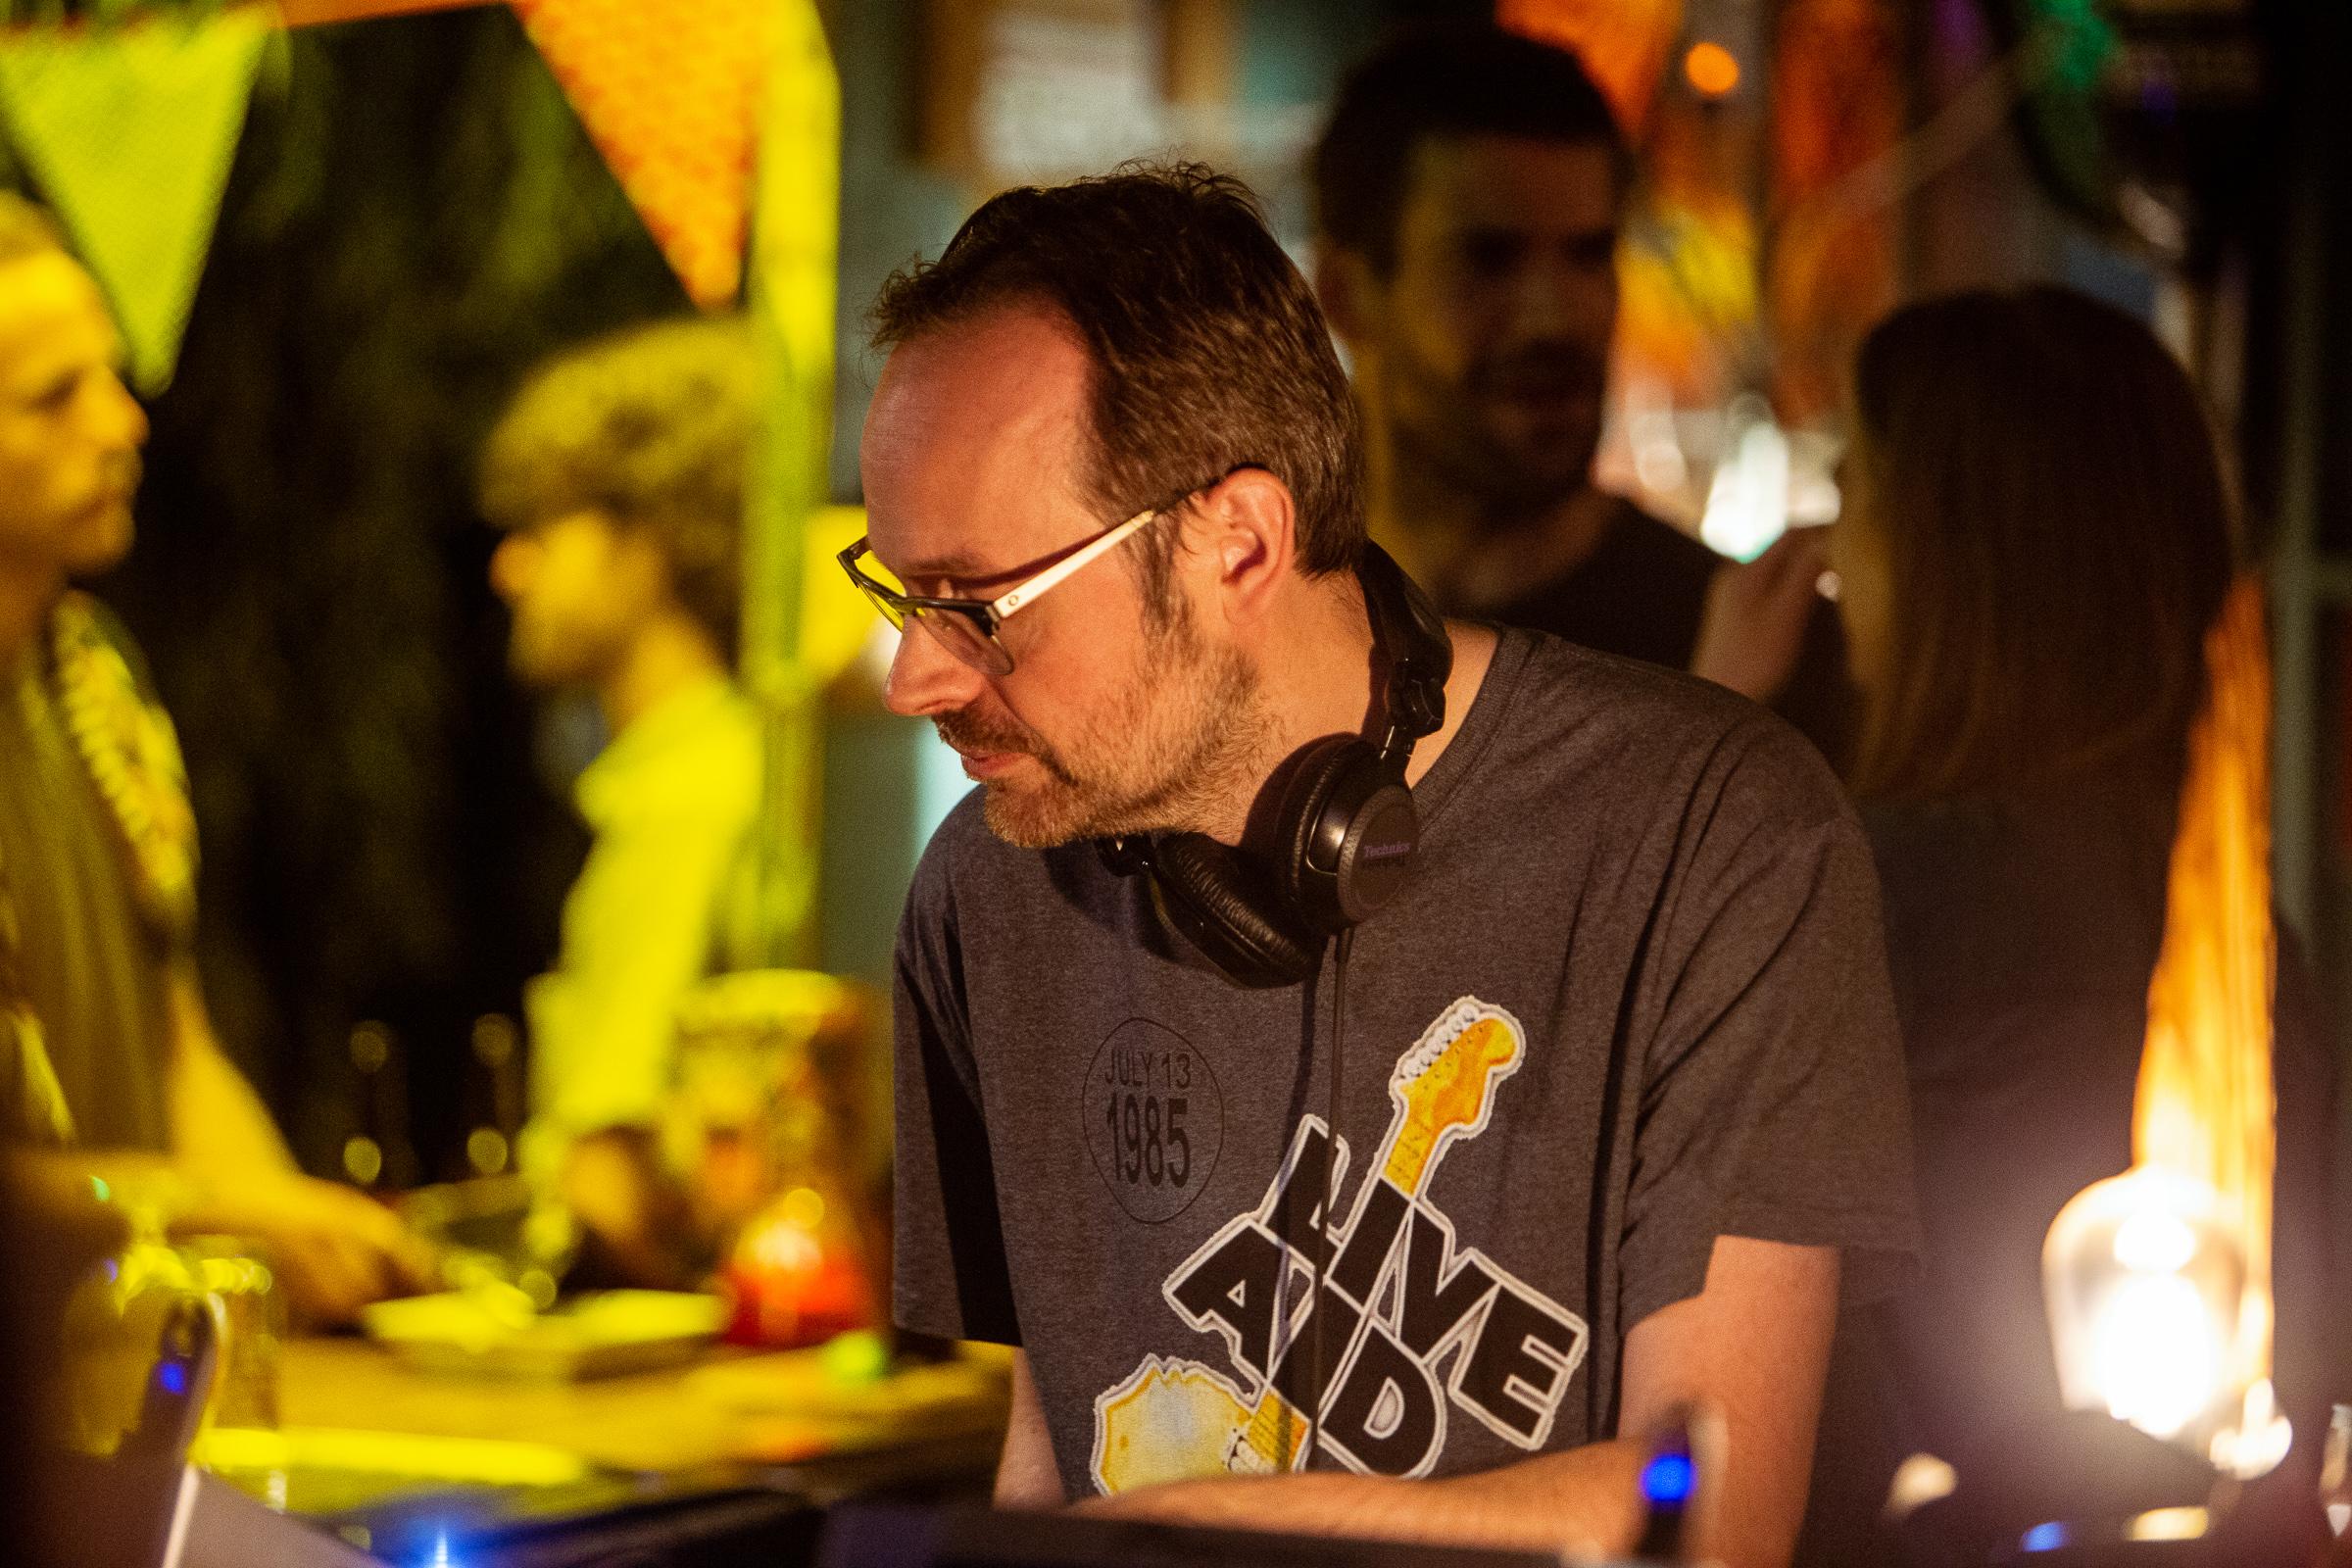 Naar de overkant van de nacht - foto van DJ Maus in actie